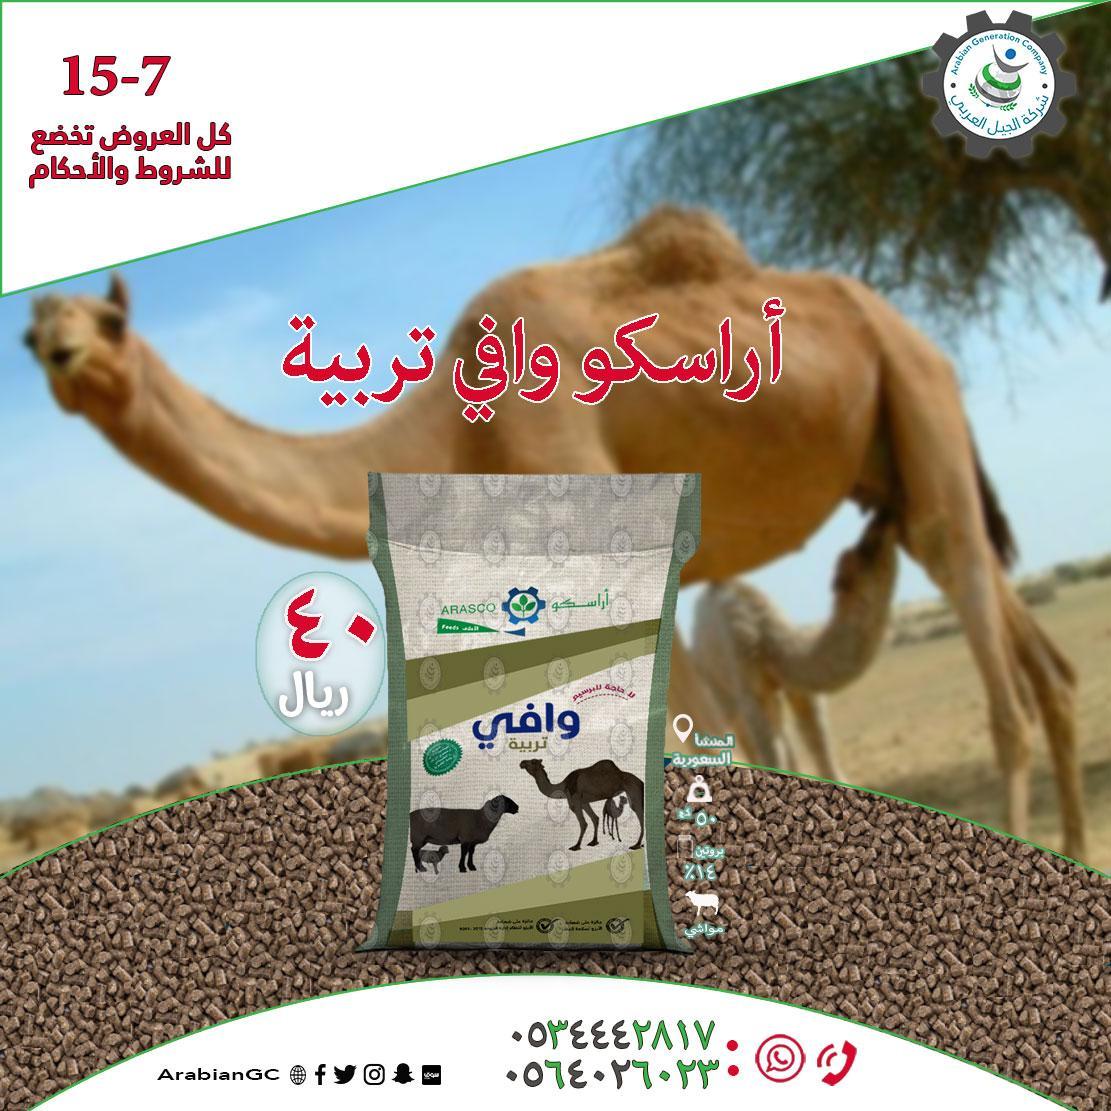 جديد لمربي الماشية والغنم شركة d.php?hash=8FEBYLY8P